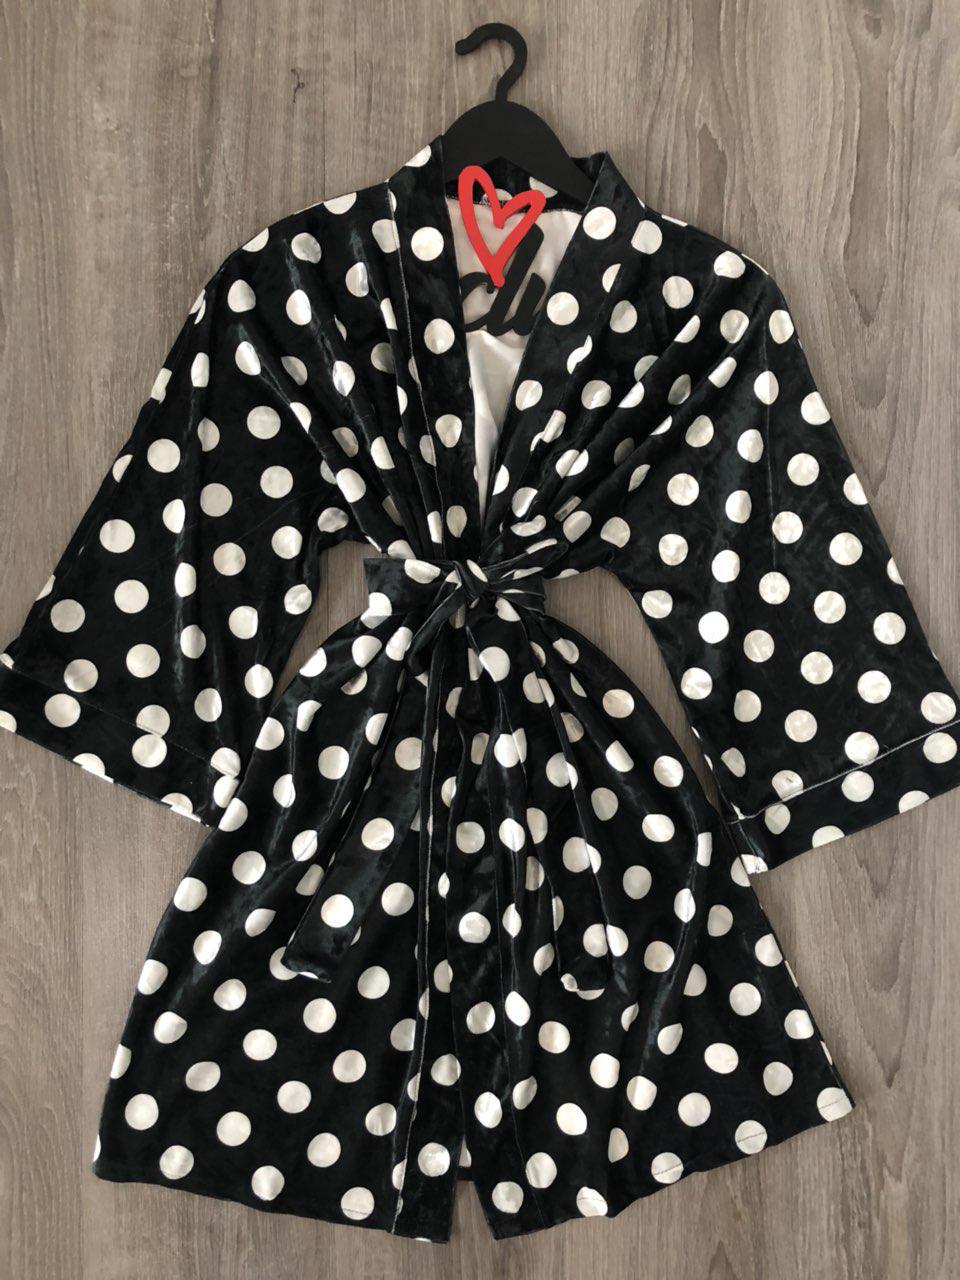 fb350503666f Черный велюровый халат в крупный горох ТМ Exclusive, цена 255 грн., купить  в Харькове — Prom.ua (ID#714917178)